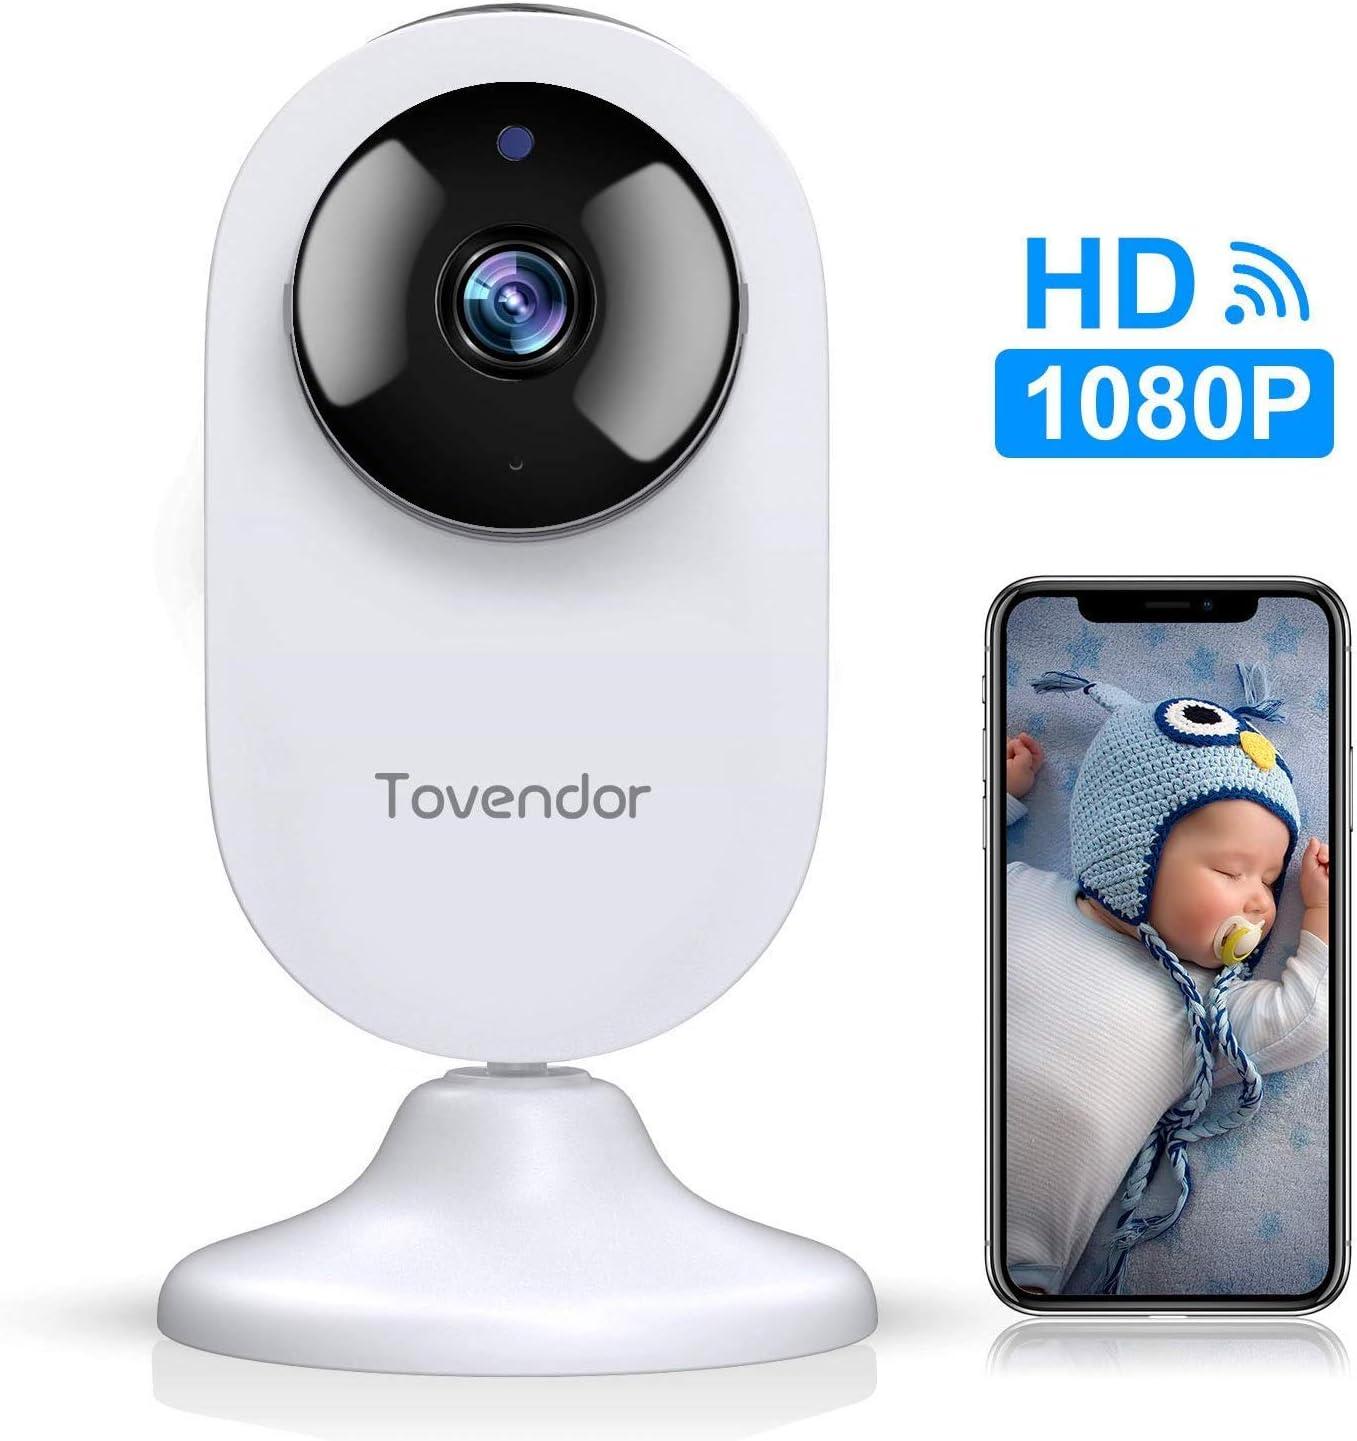 Tovendor Mini Smart Home Camera